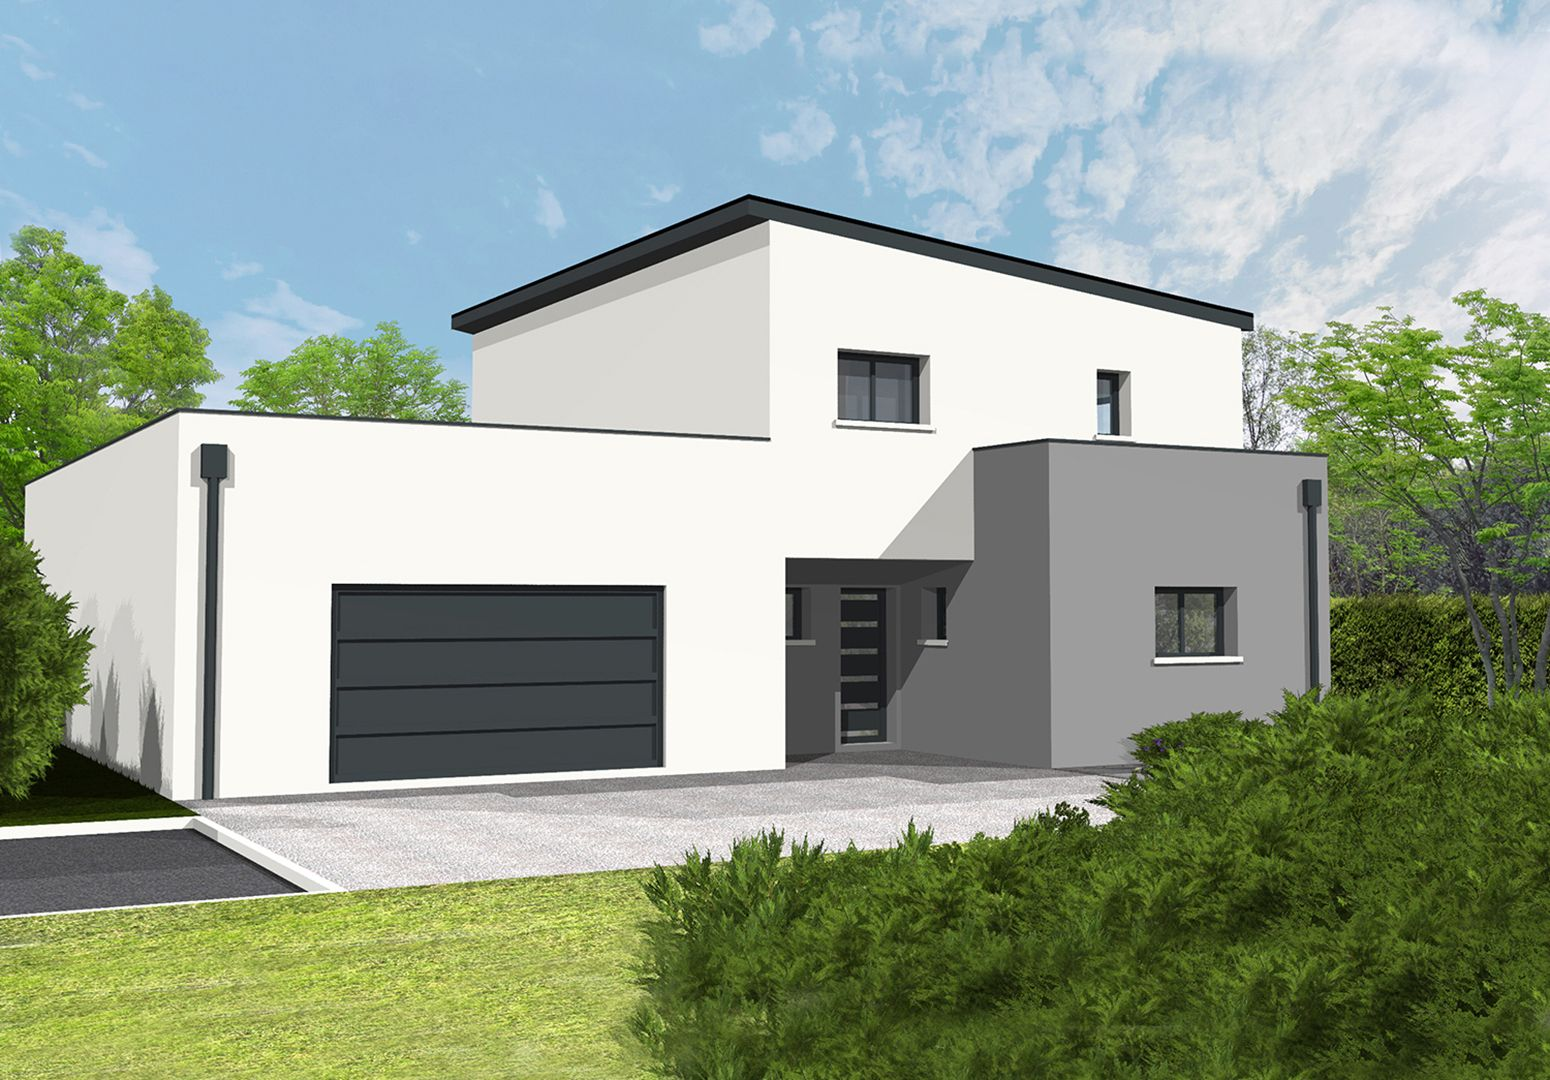 Maisons du constructeur SOLIS CONSTRUCTION - AGENCE DE NIORT • 182 m² • PRAHECQ